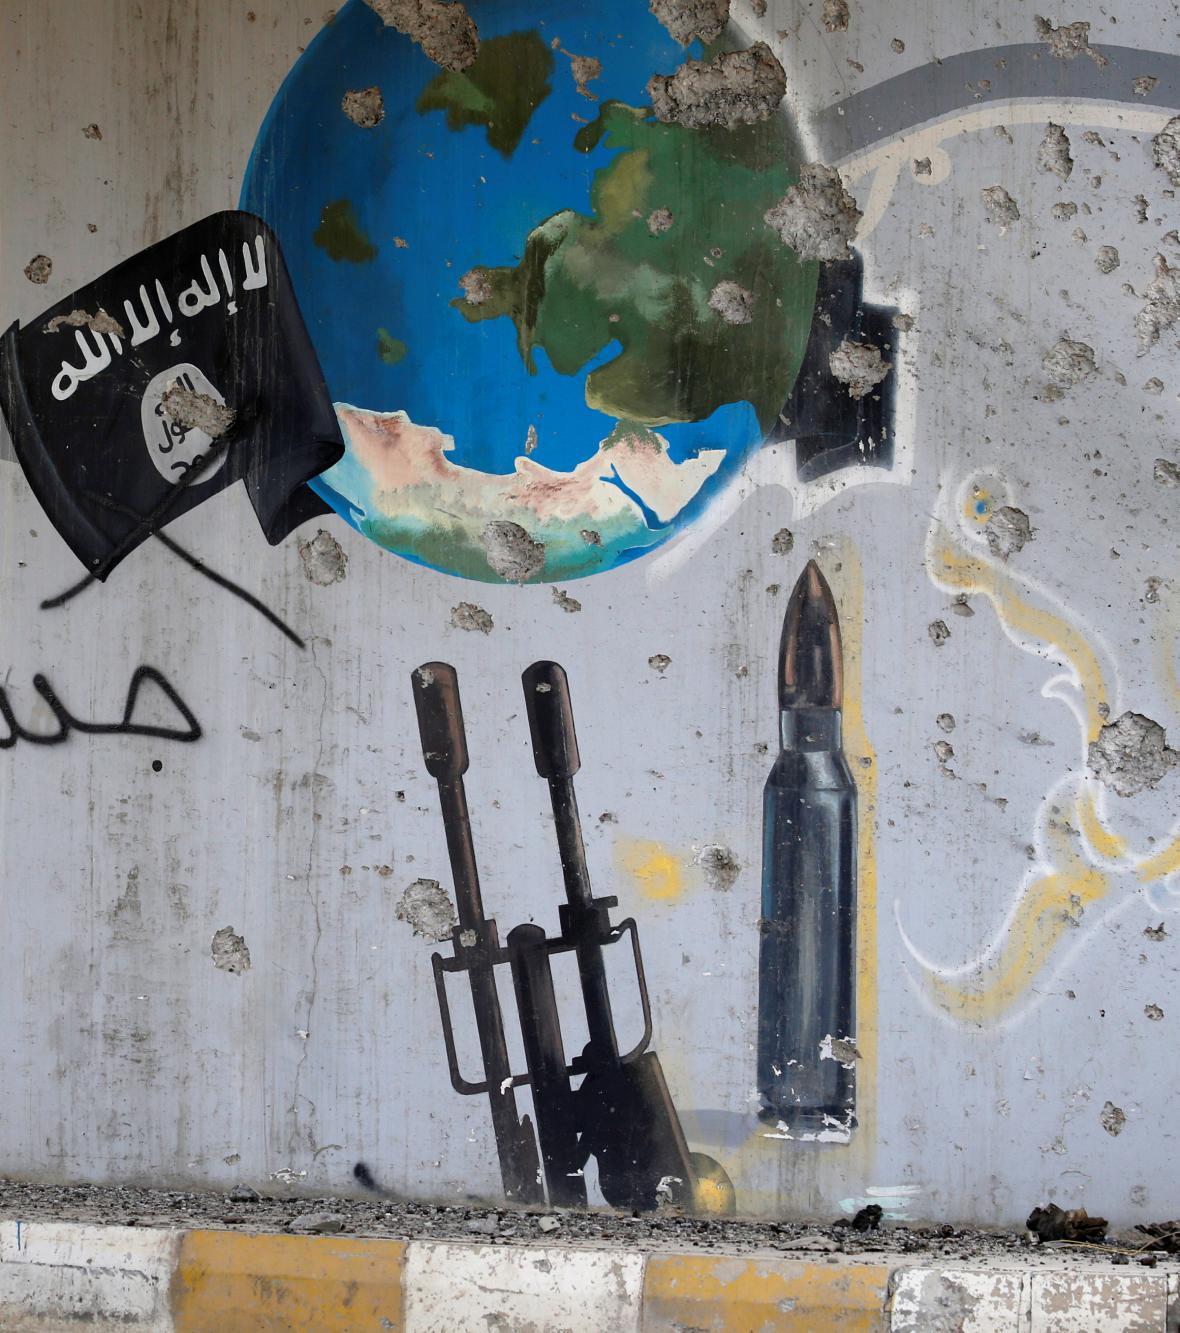 Zeď pomalovaná islamisty ve Fallúdži